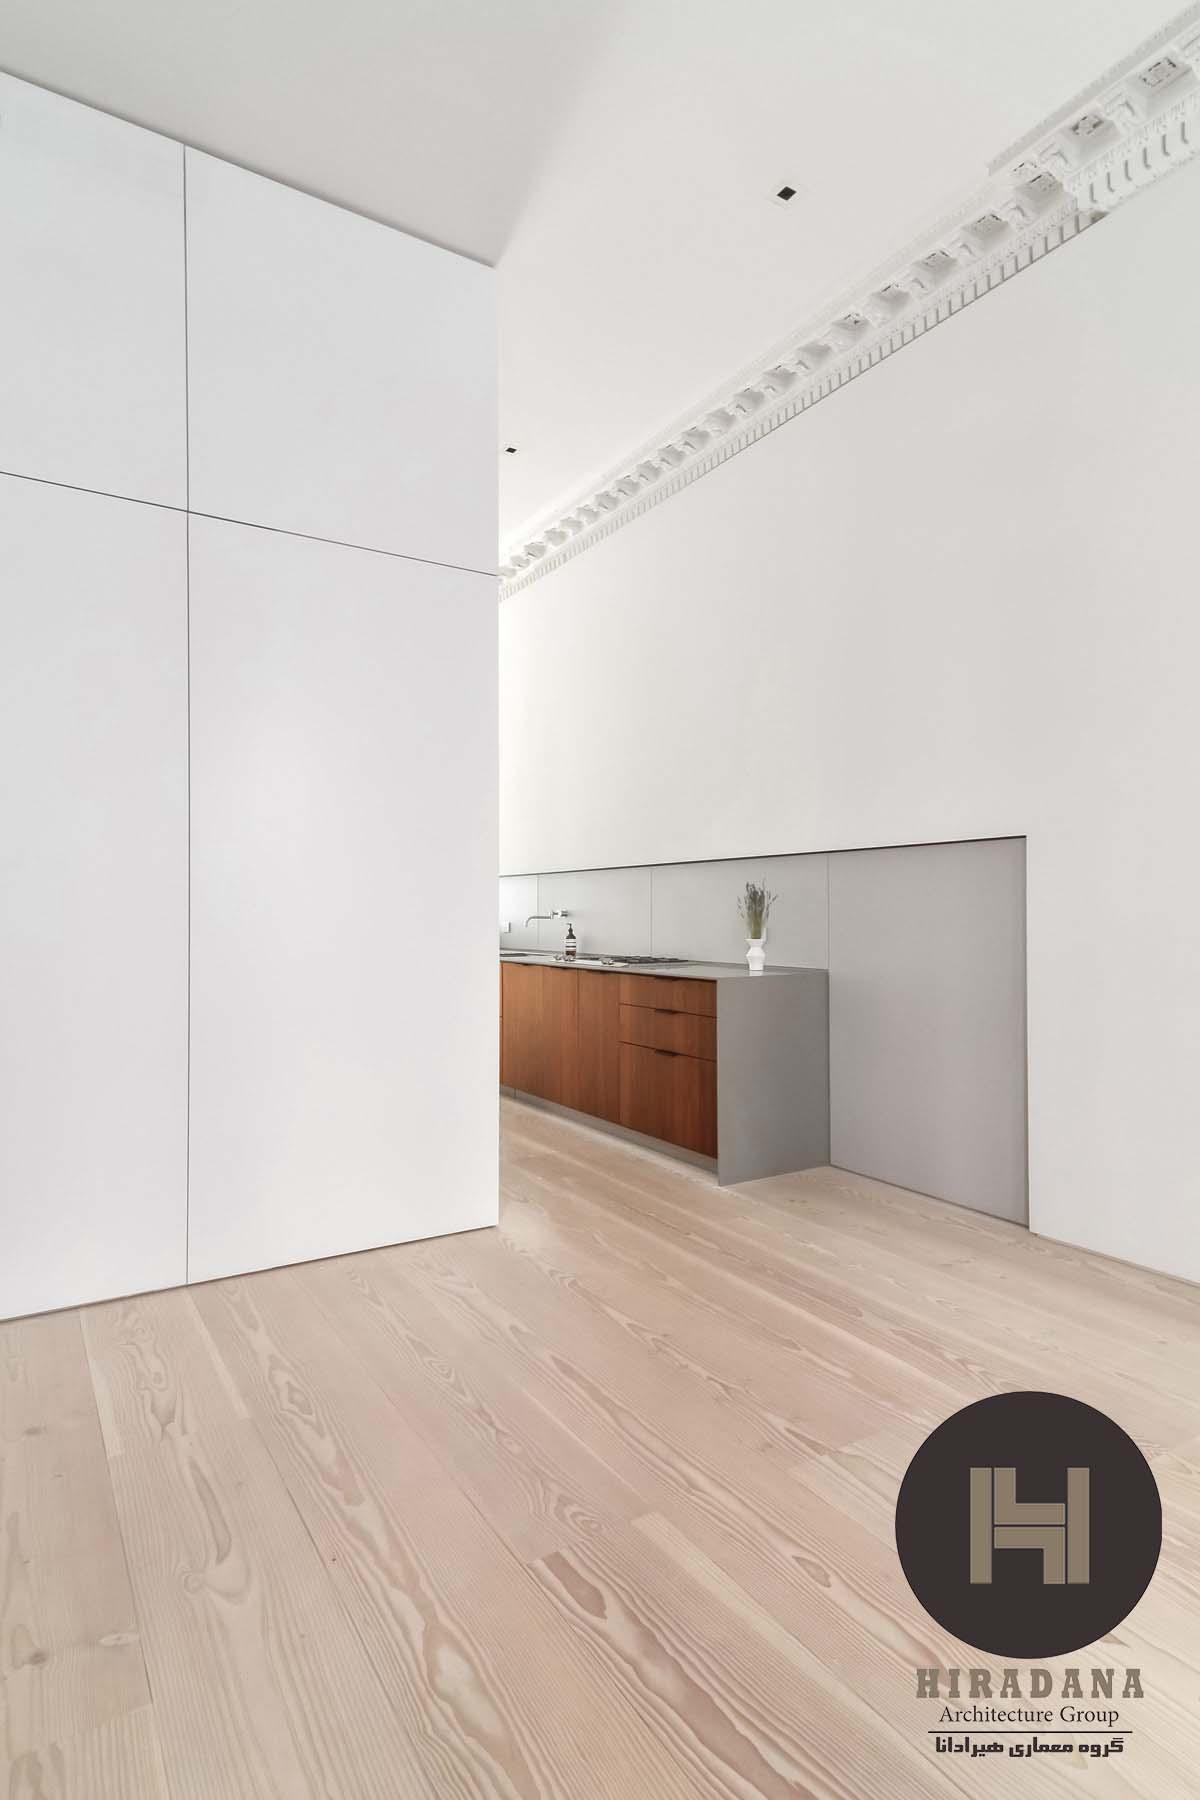 طراحی داخلی خانه به سبک مینیمالیستی با رنگ سفید و چوب